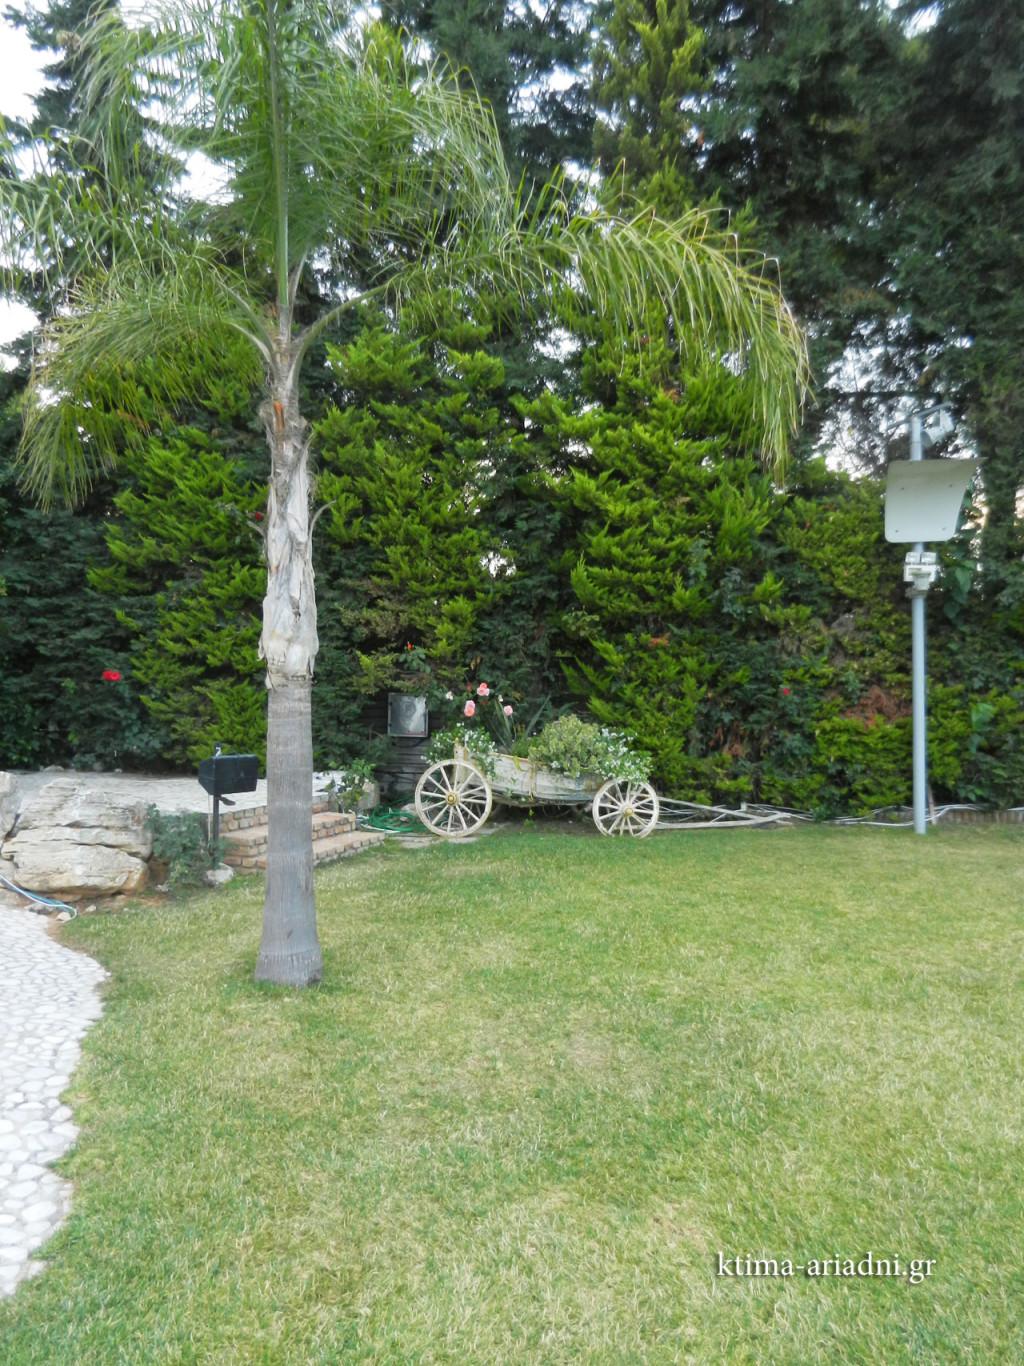 Ένα χαρακτηριστικό σημείο στο κτήμα Αριάδνη, που επιλέγεται από τους φωτογράφους για μερικές από τις γαμήλιες πόζες των ζευγαριών